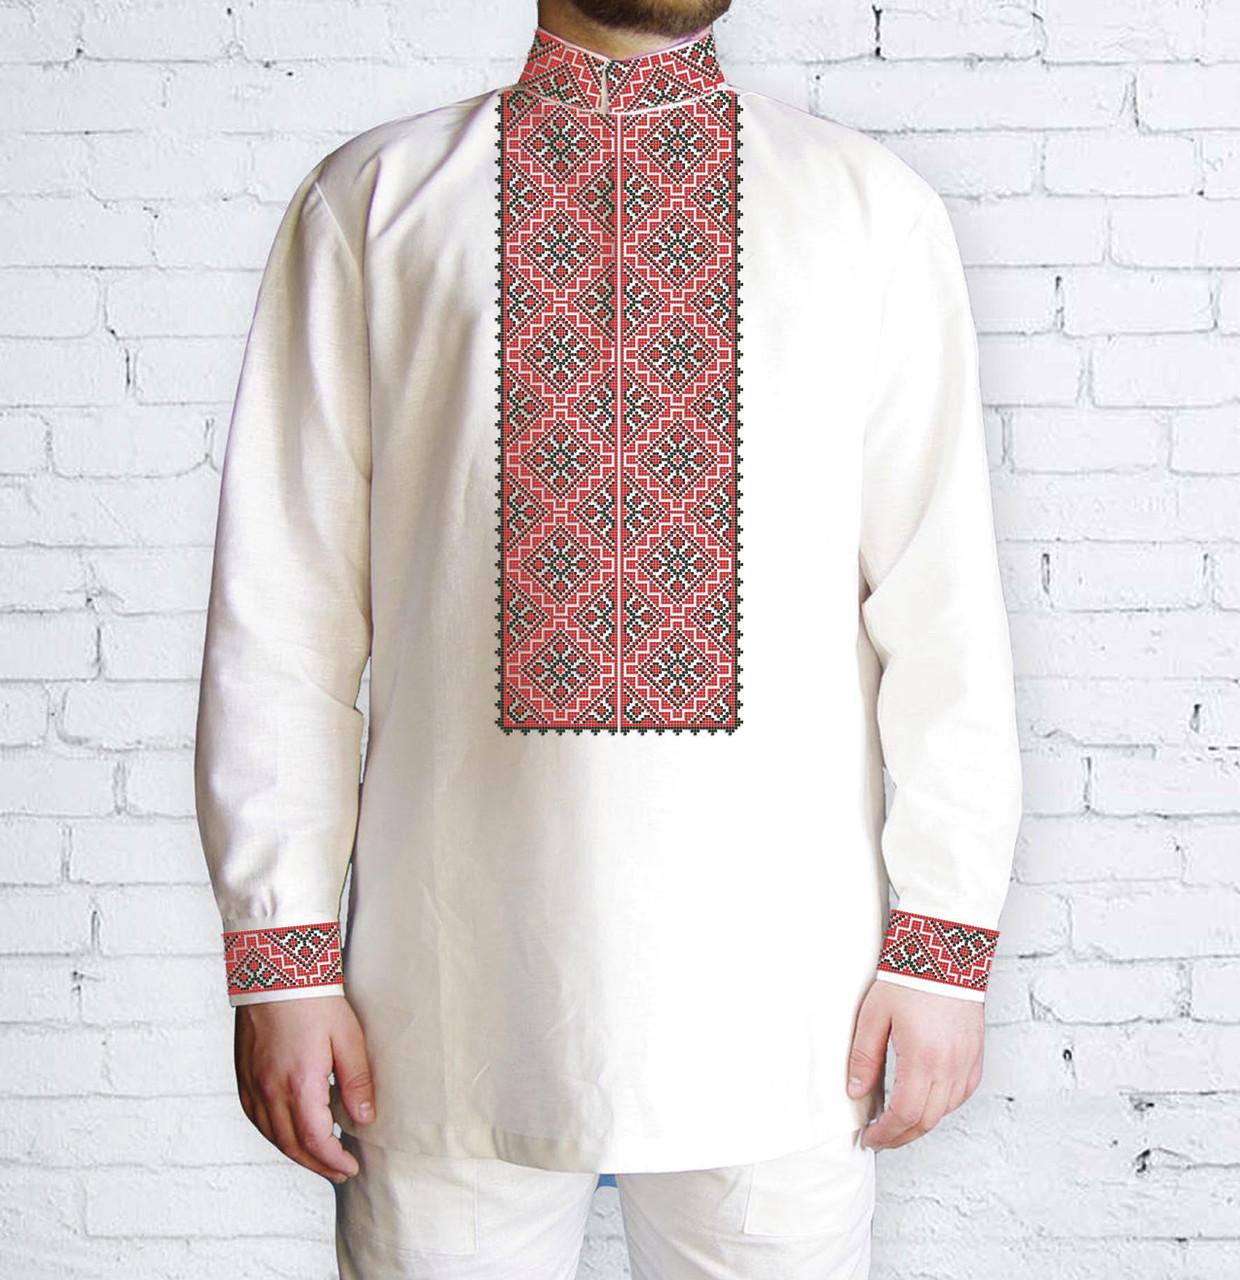 Заготовка чоловічої сорочки та вишиванки для вишивки чи вишивання бісером Бисерок «Ромби червоні» (Ч-501 Ч )